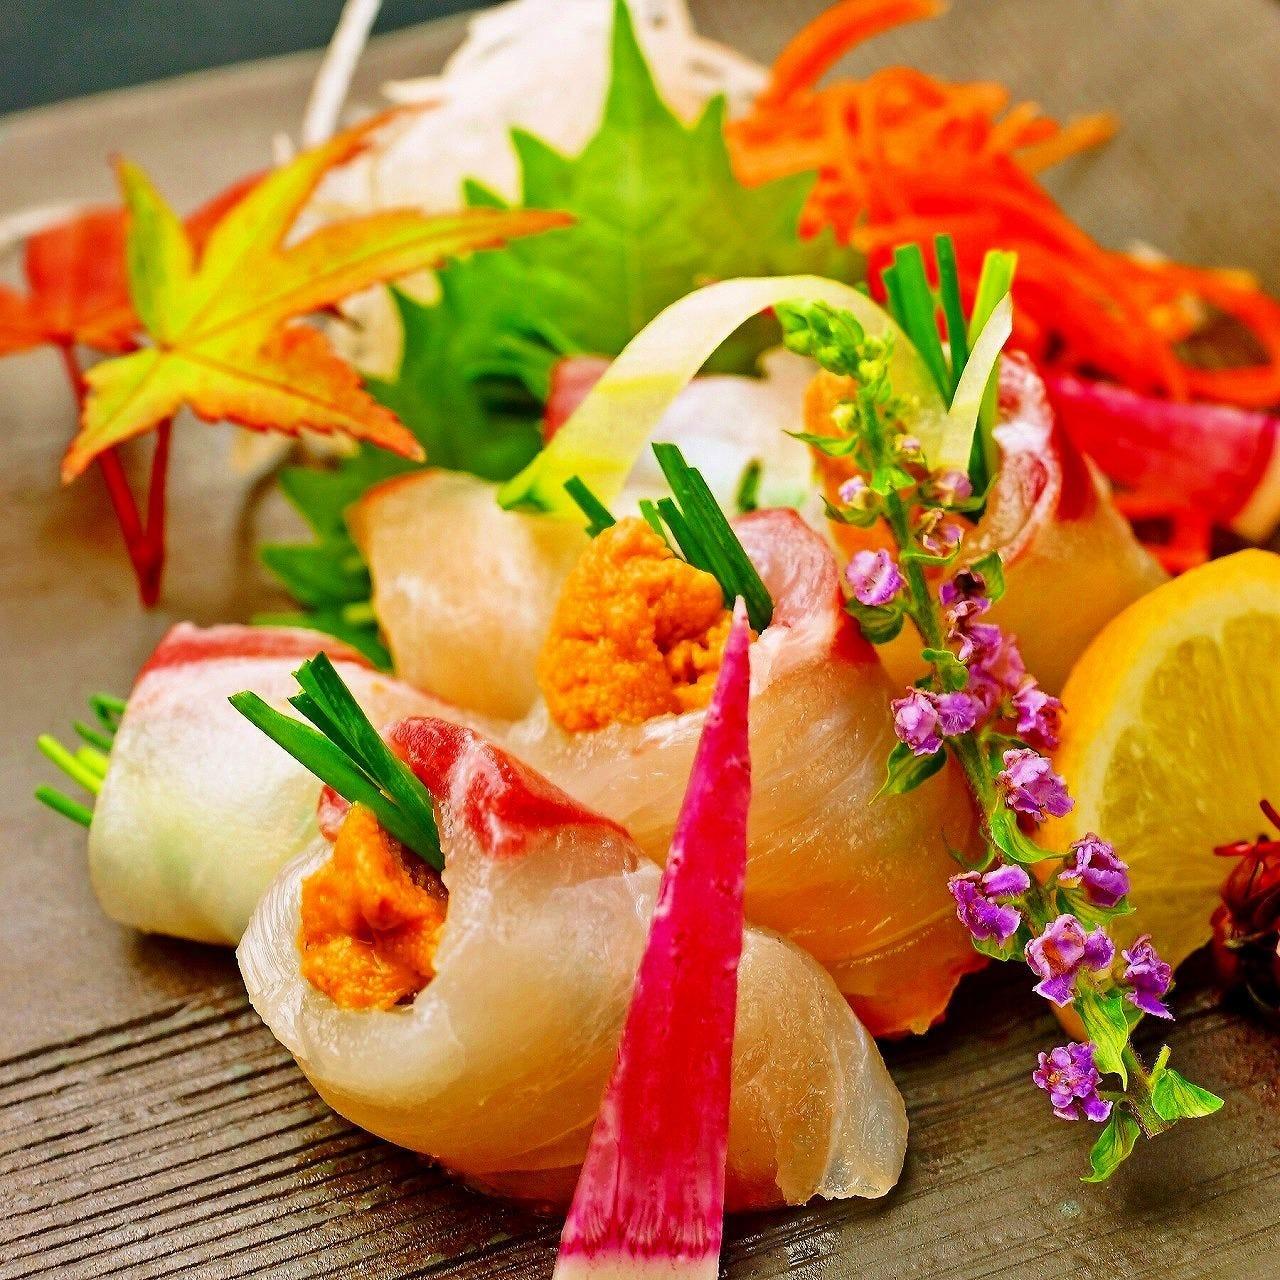 海鮮と寿司とブランド肉料理が充実